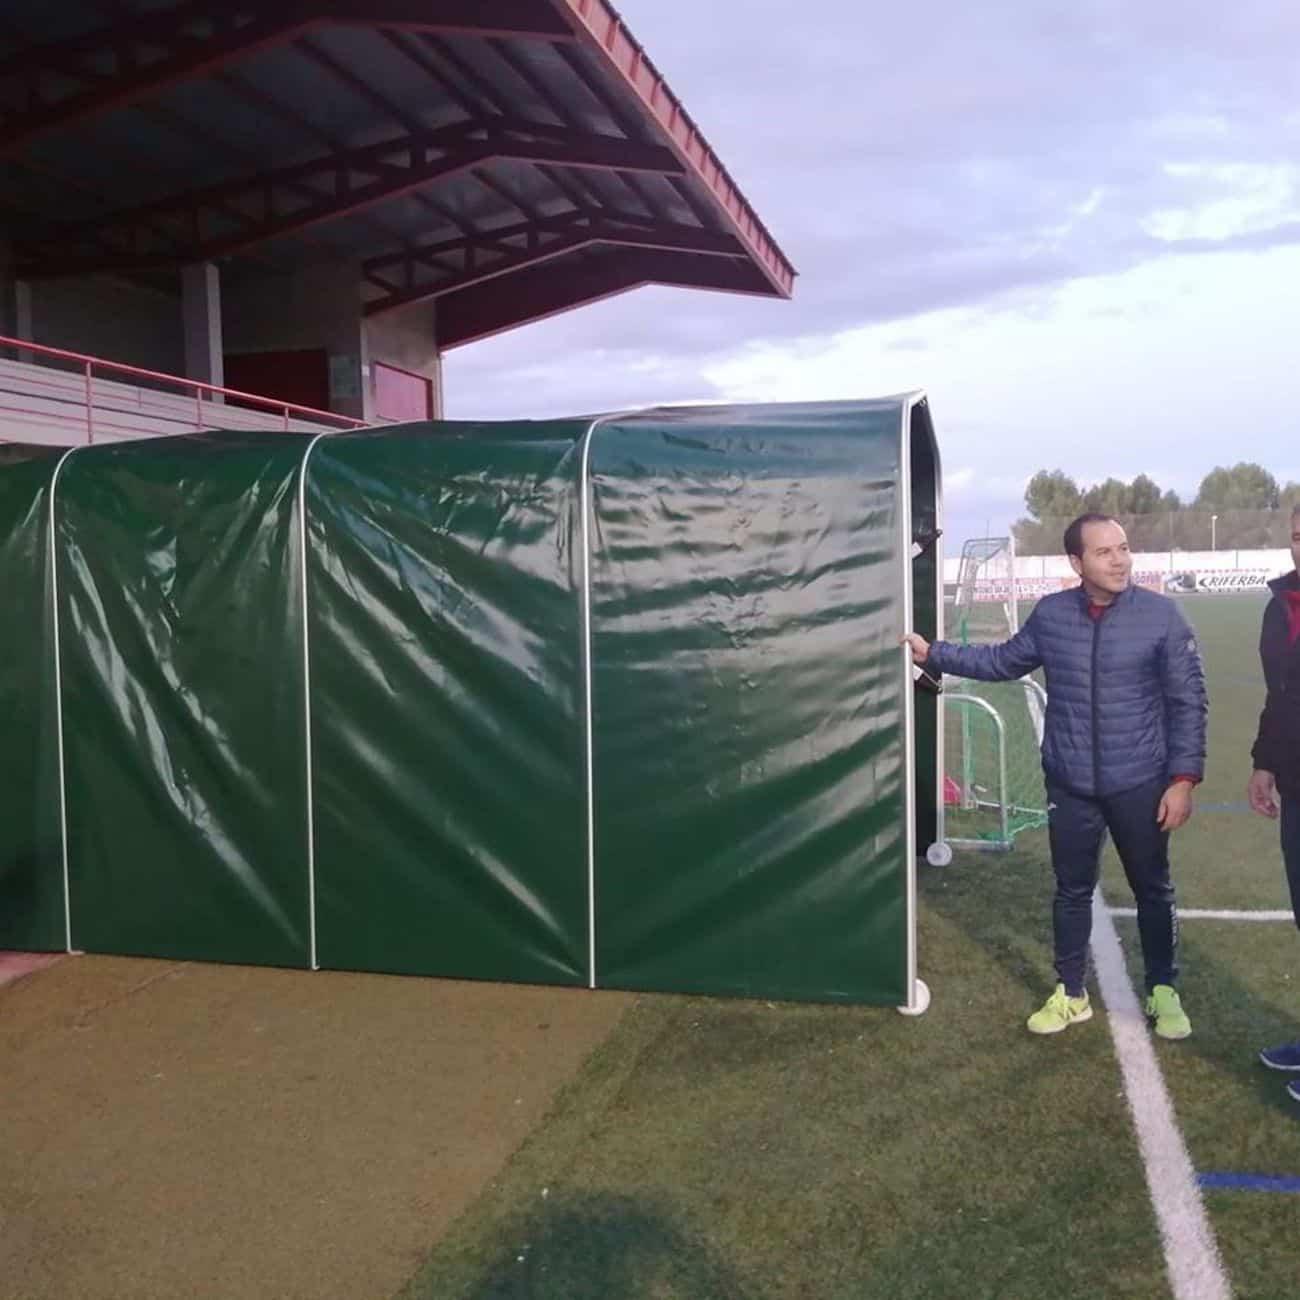 mejoras campo futbol herencia 1 - Mejoras en las instalaciones del campo de fútbol de Herencia